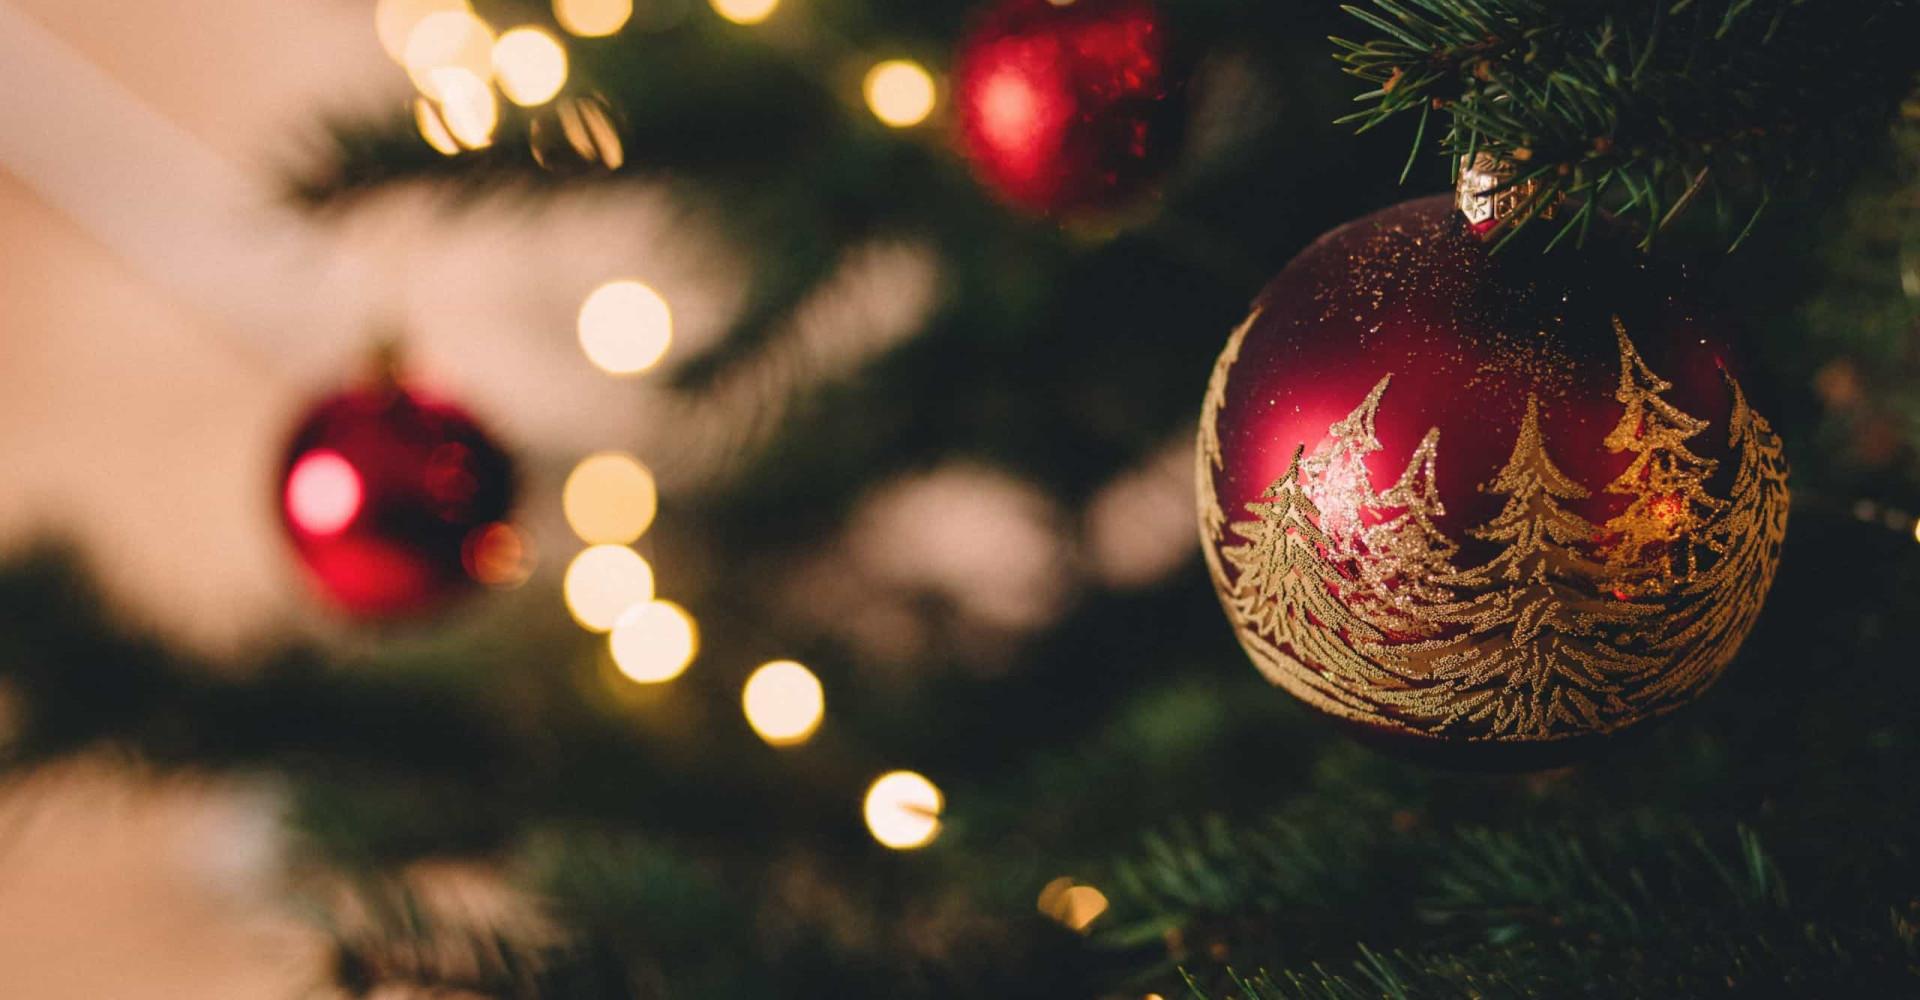 Entre no espírito do Natal e do frio do inverno